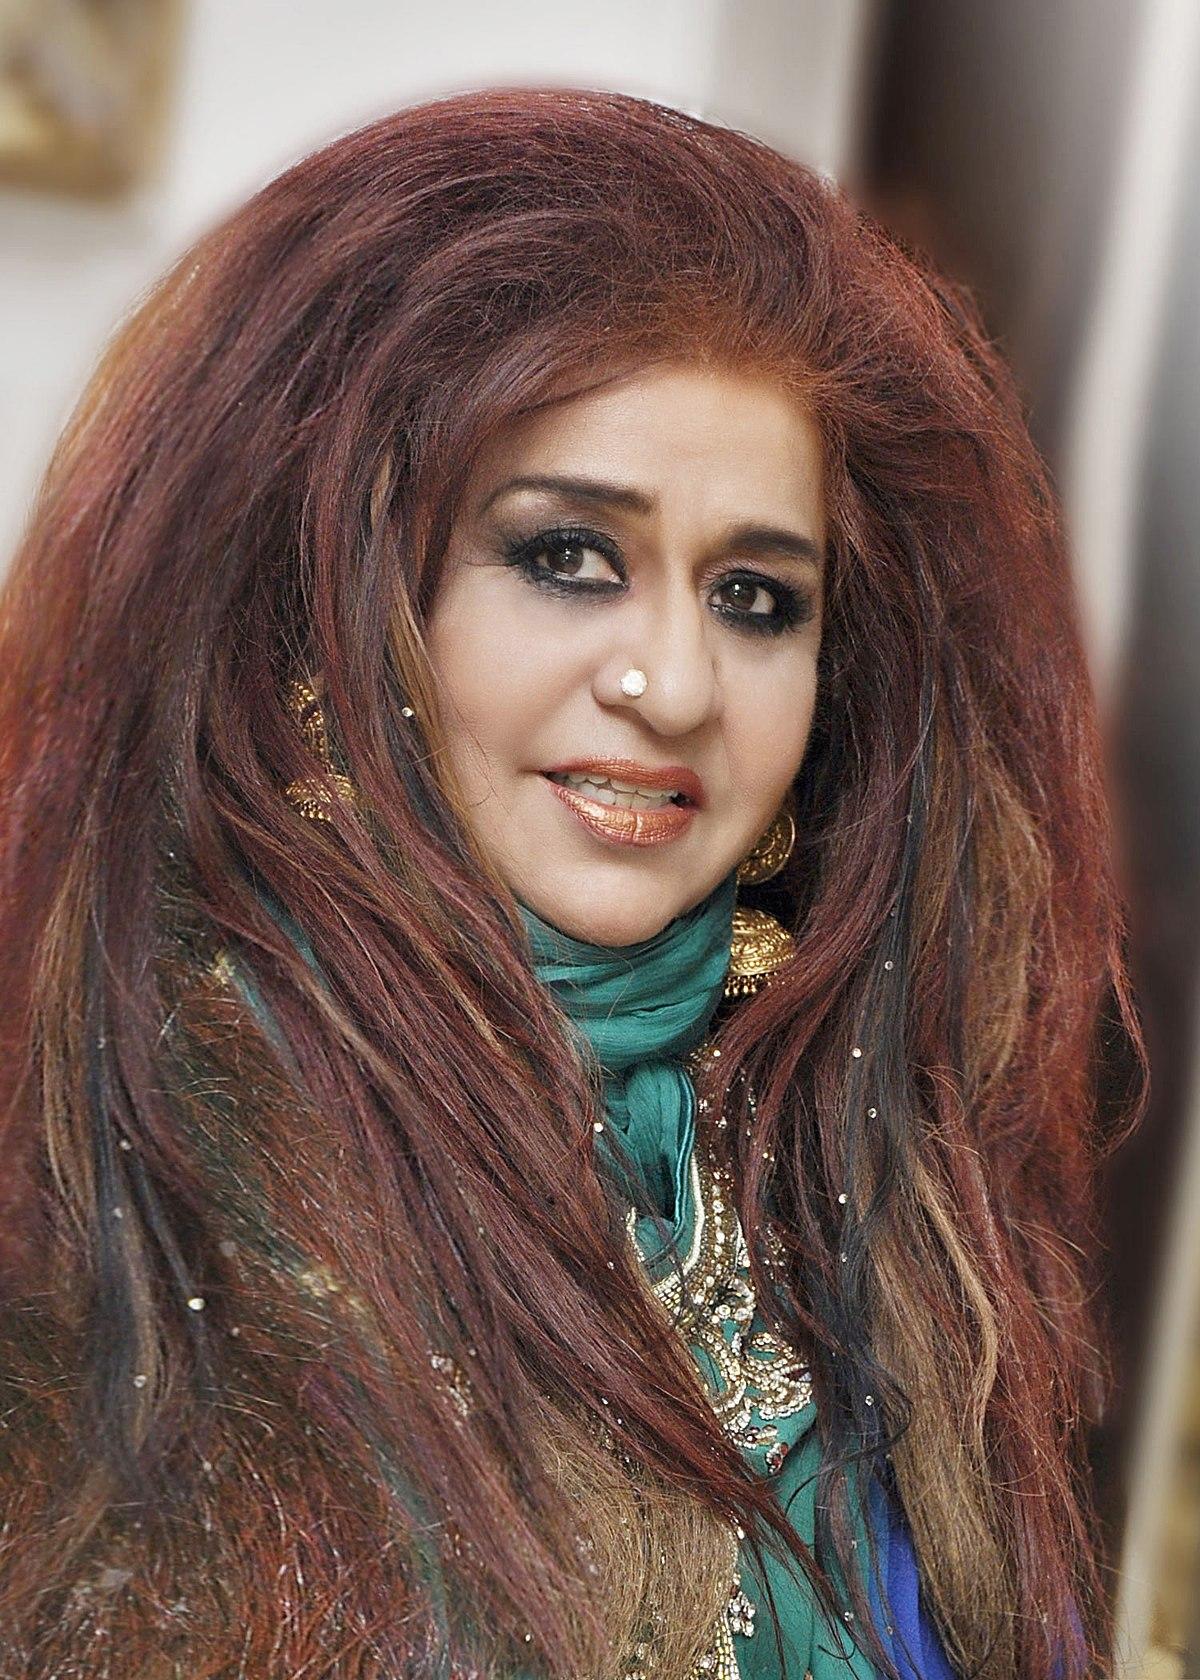 Shahnaz Husain - Wikipedia